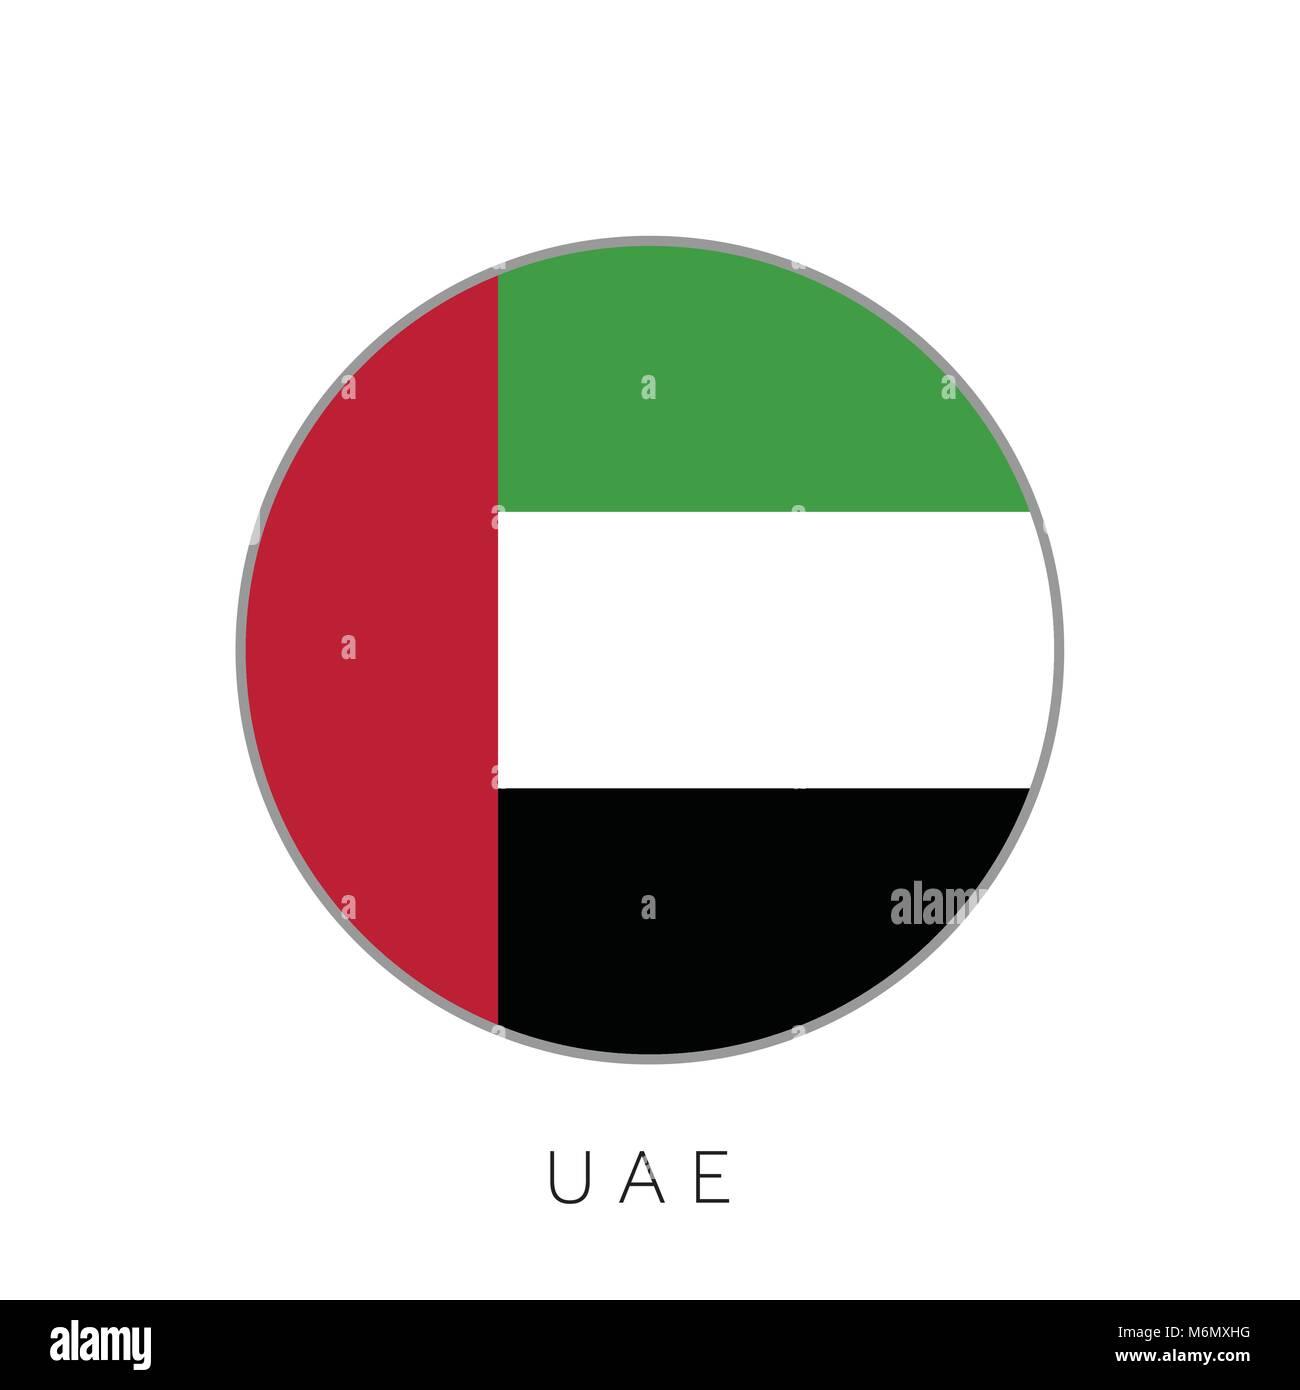 United Arab Emirates flag round circle vector icon - Stock Image